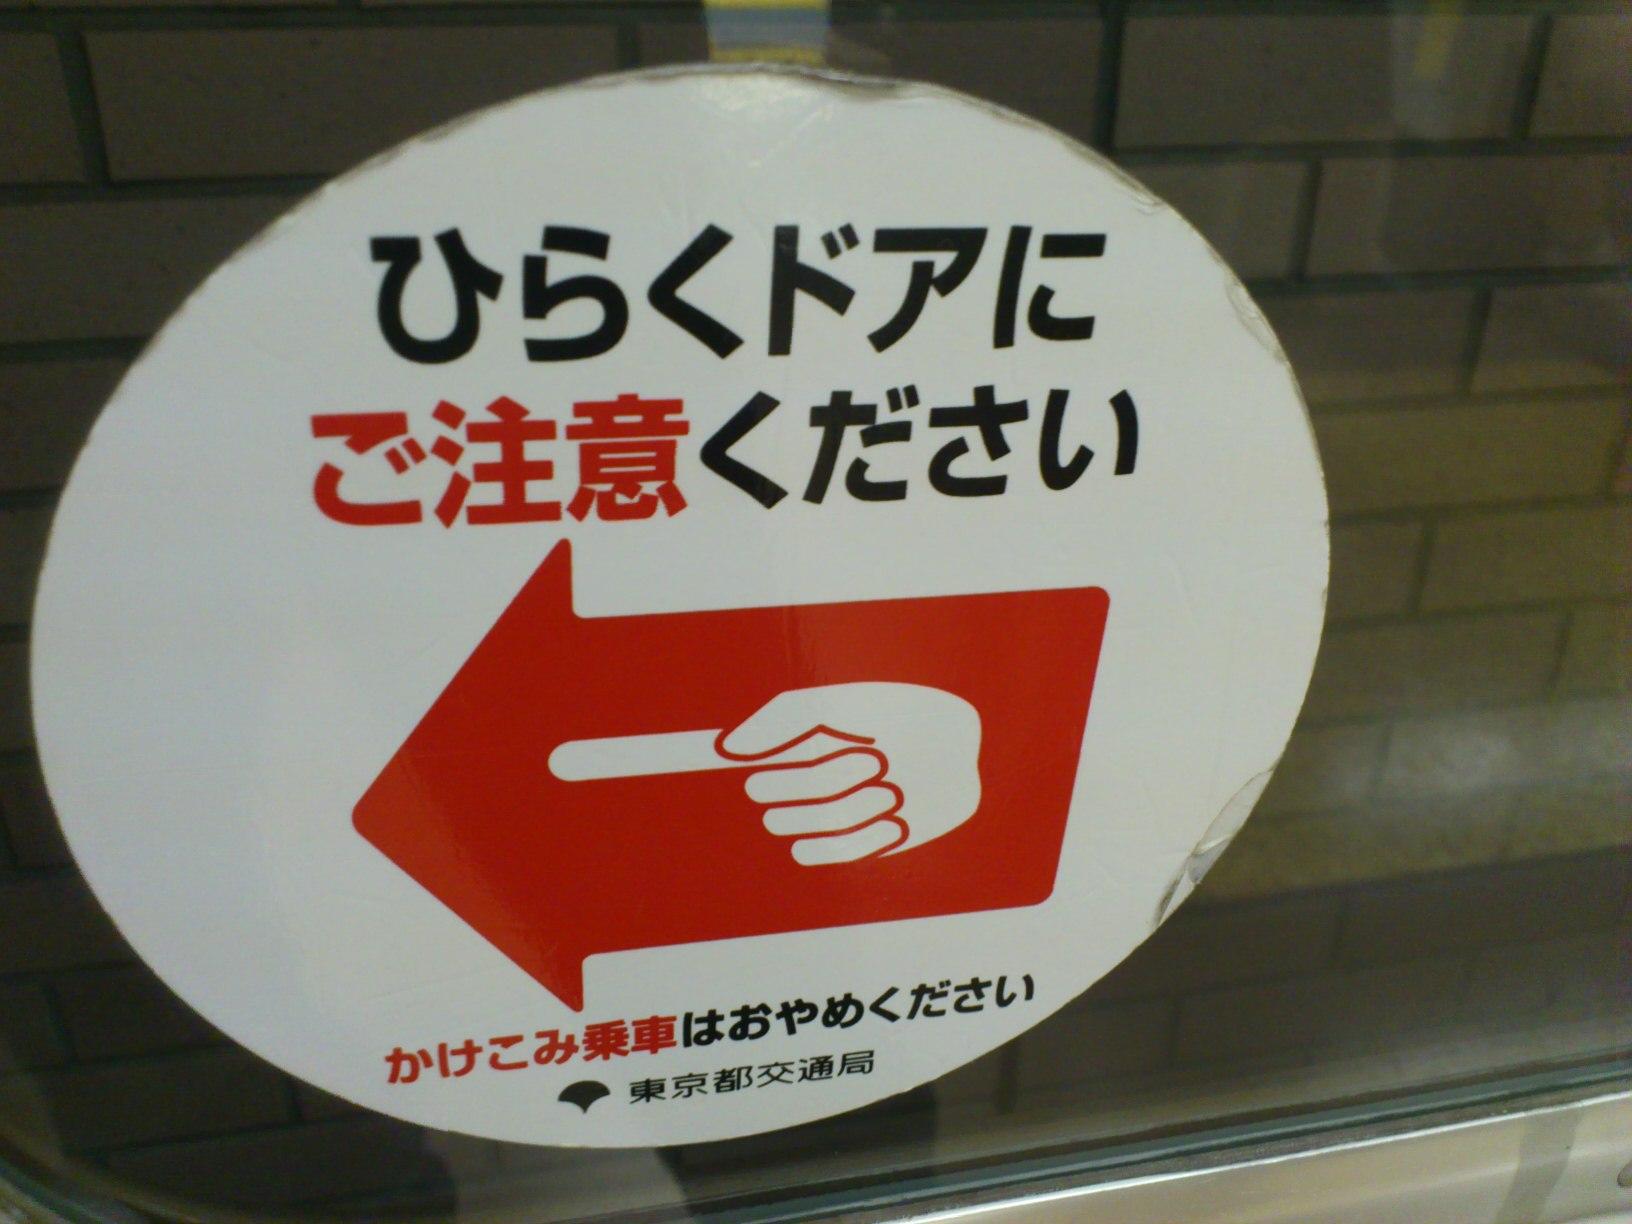 地下鉄でも携帯つかえます。